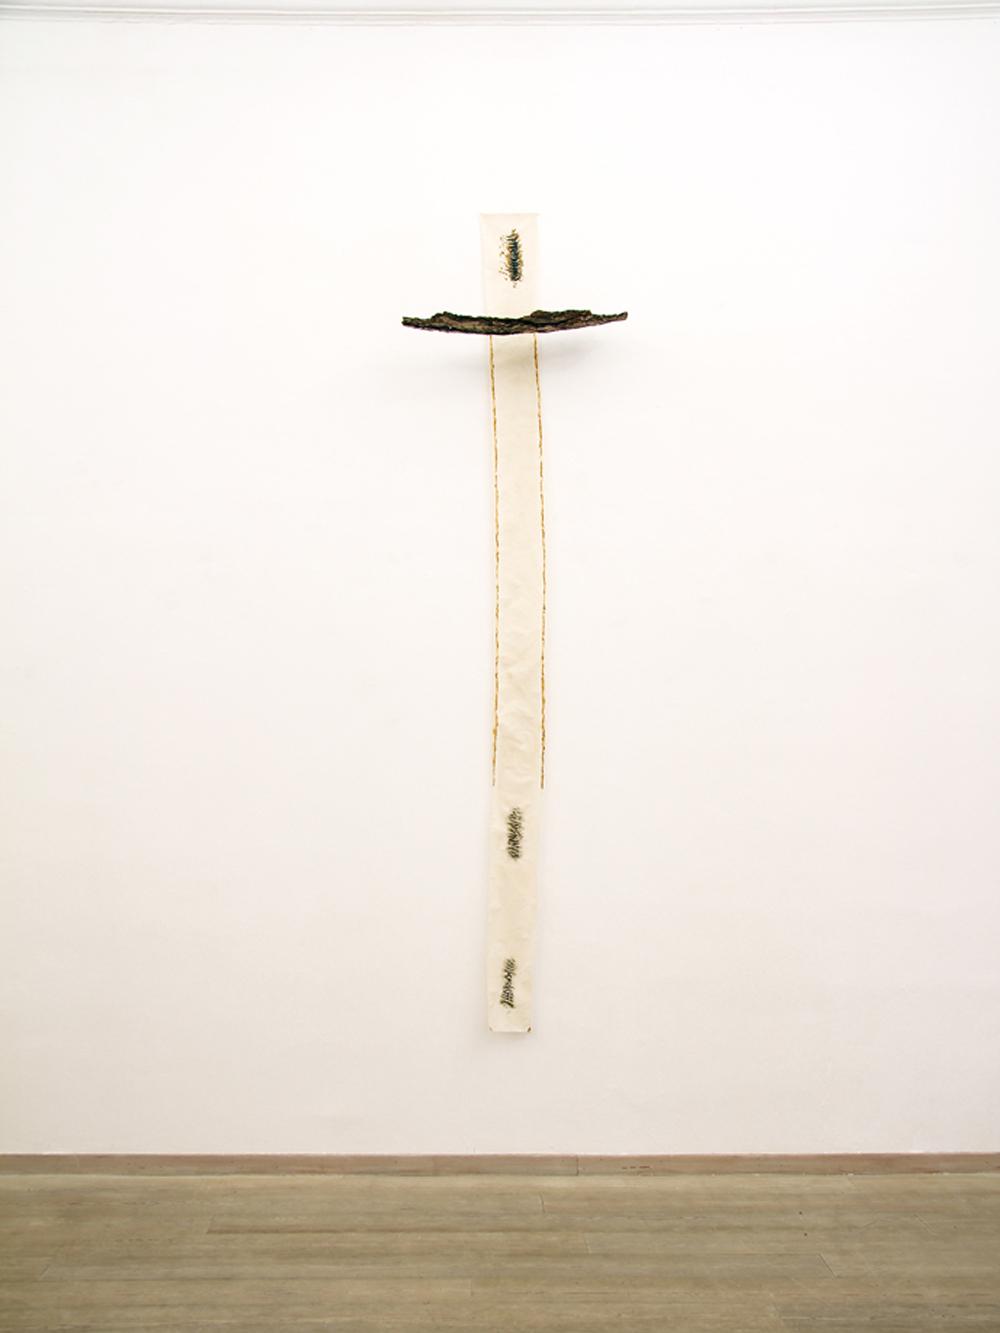 Alena Tonelli, Senza titolo (TOMEA), 2016, tecnica mista su tela, cm 300x75